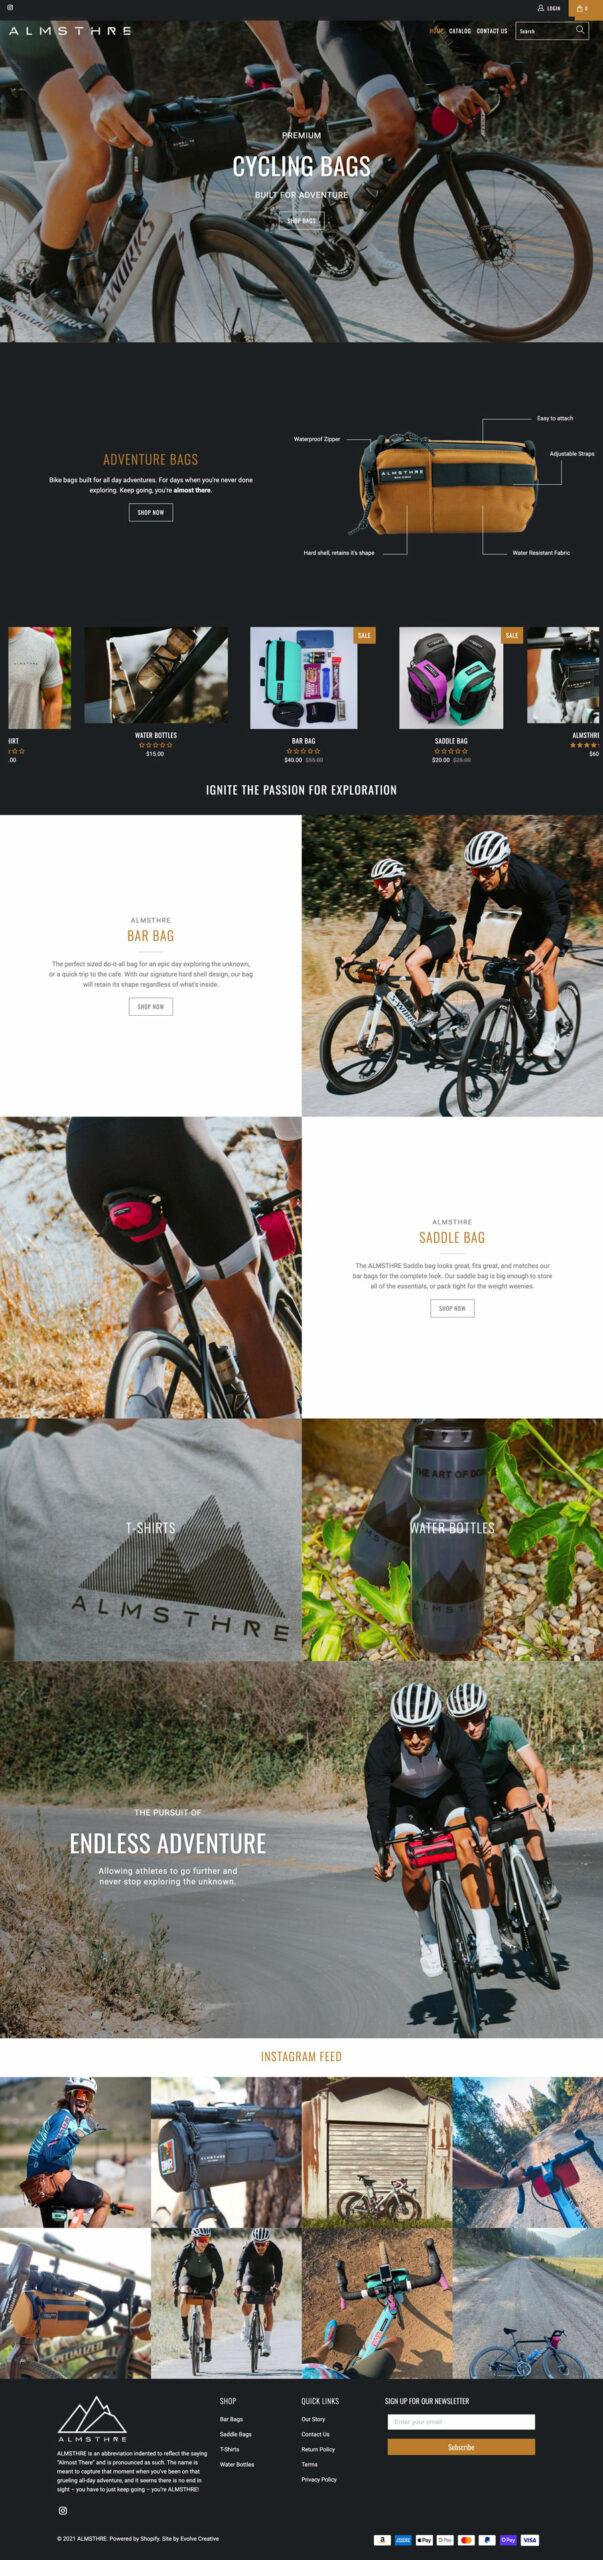 Almsthre biking products website